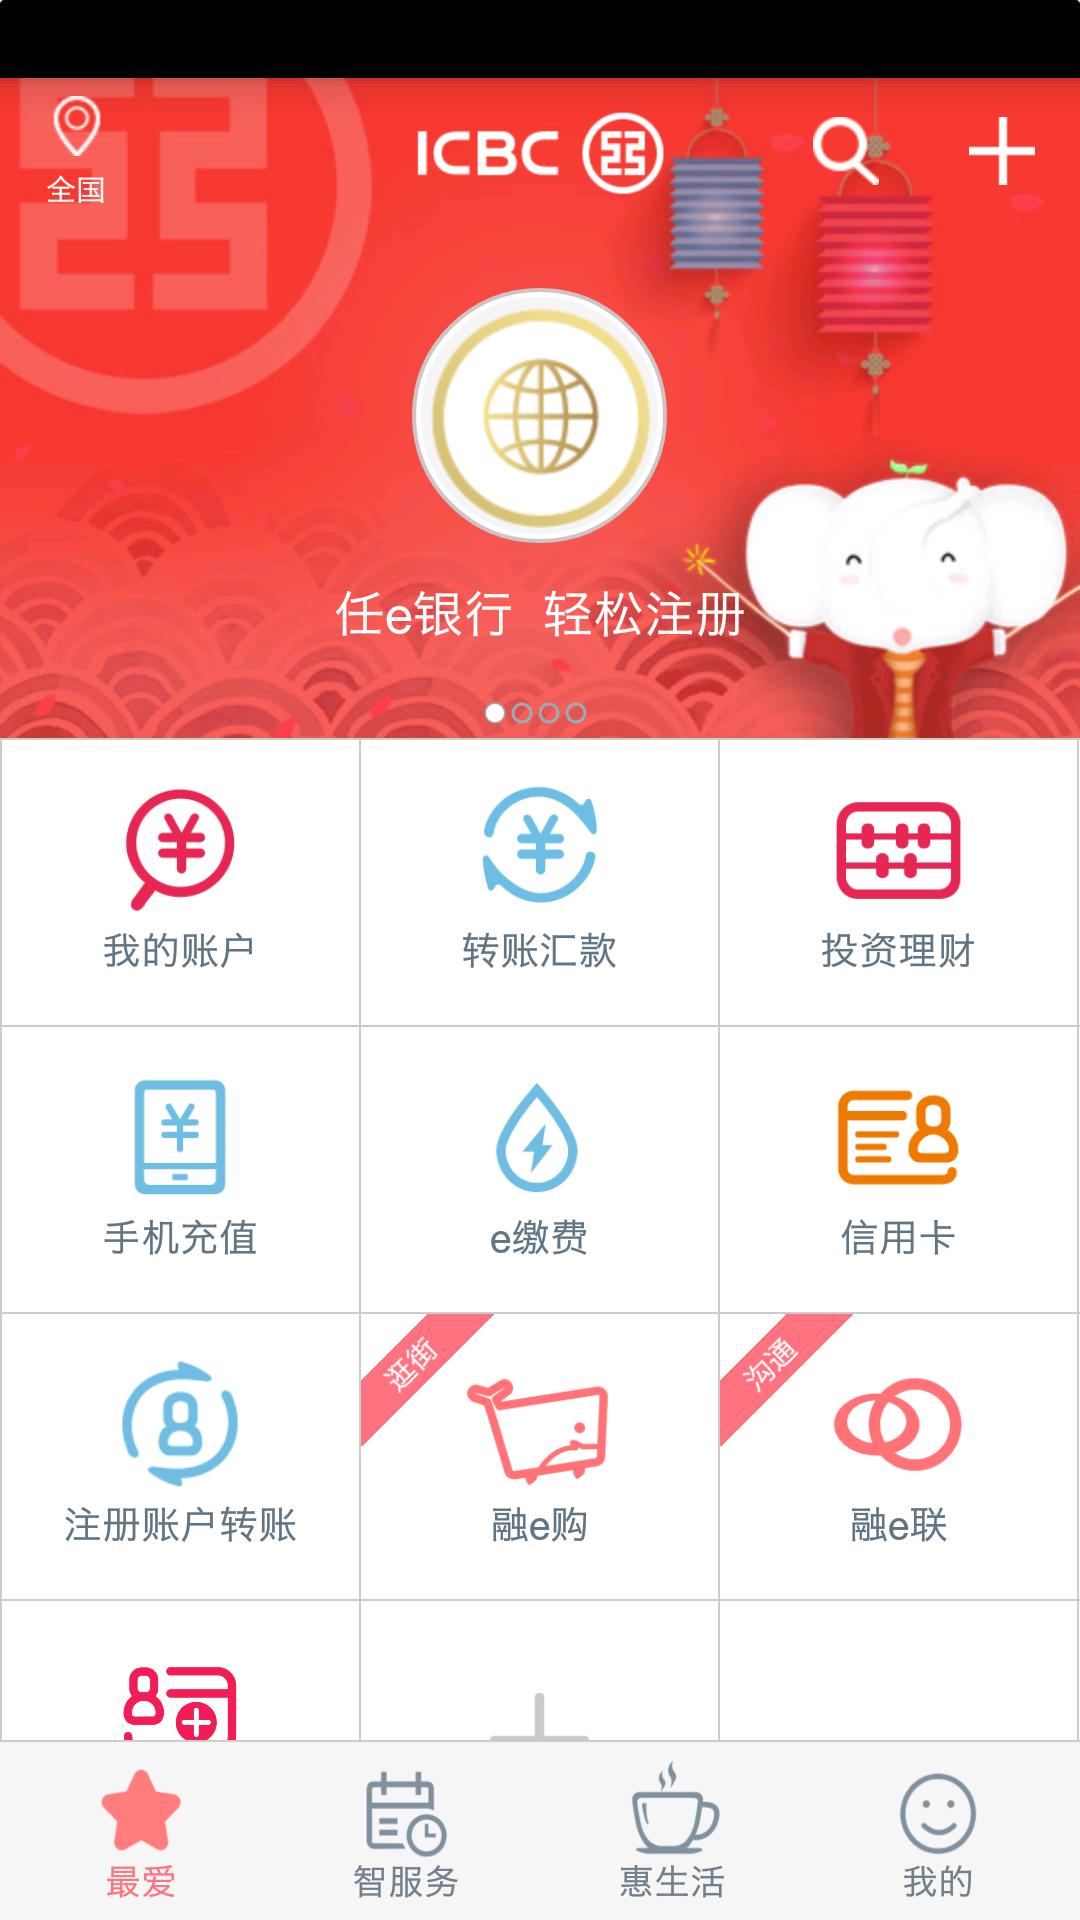 中国工商银行 v3.1.0.8.0